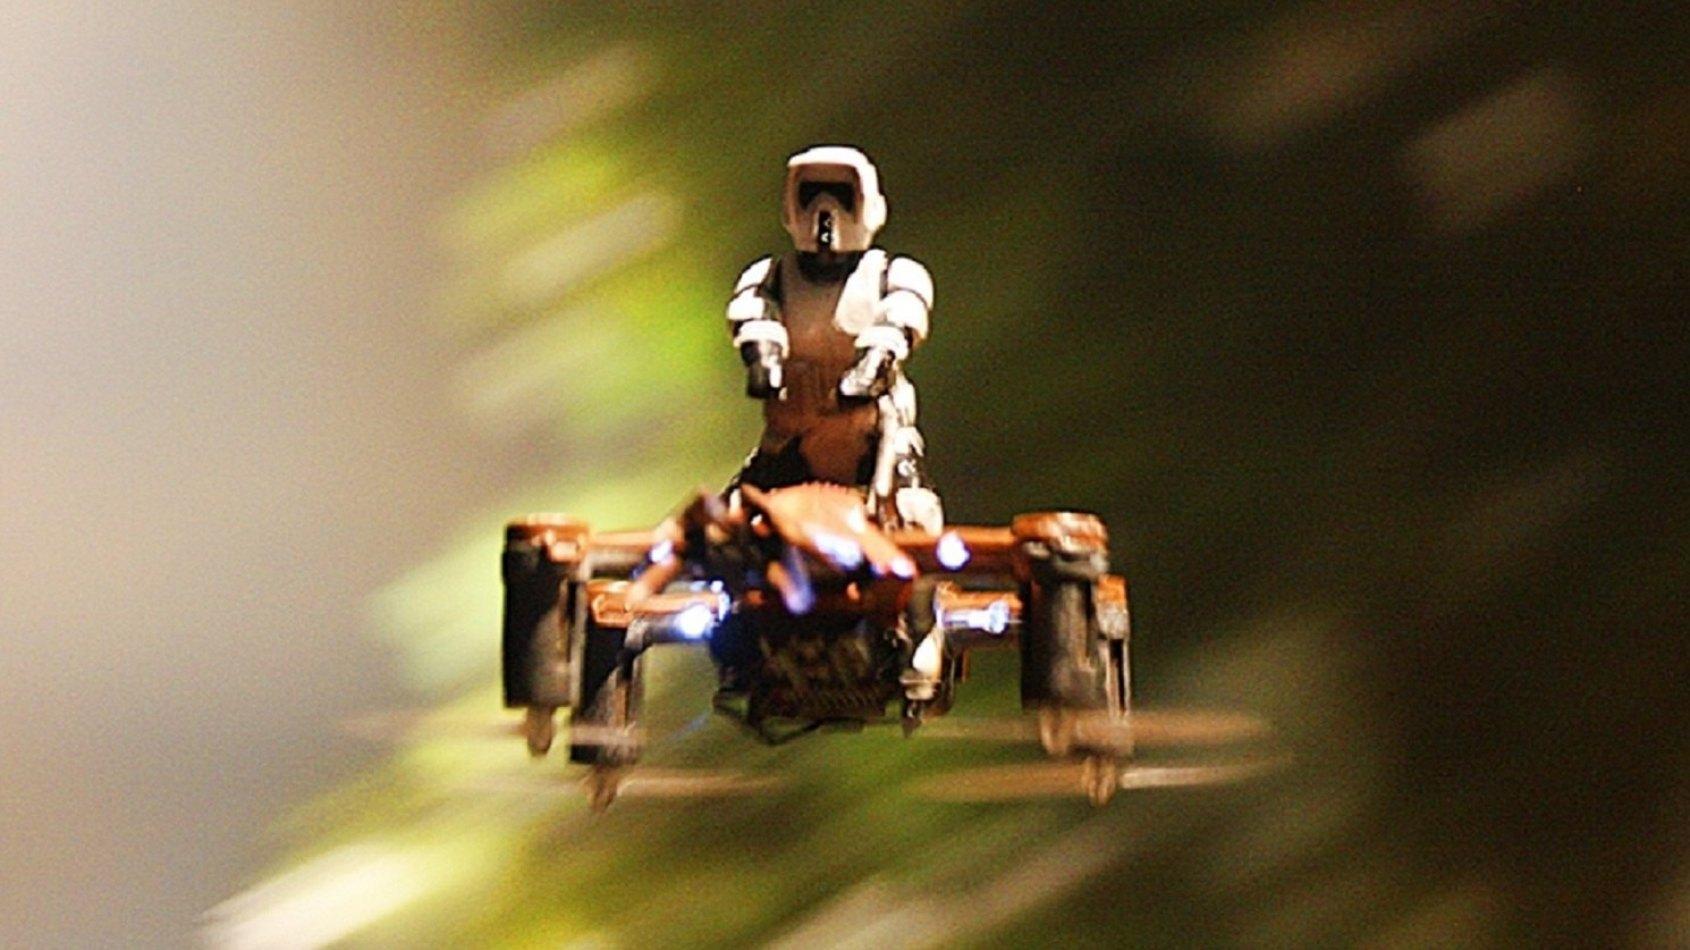 SWCE : Propels : De nouveaux drones bient�t disponibles